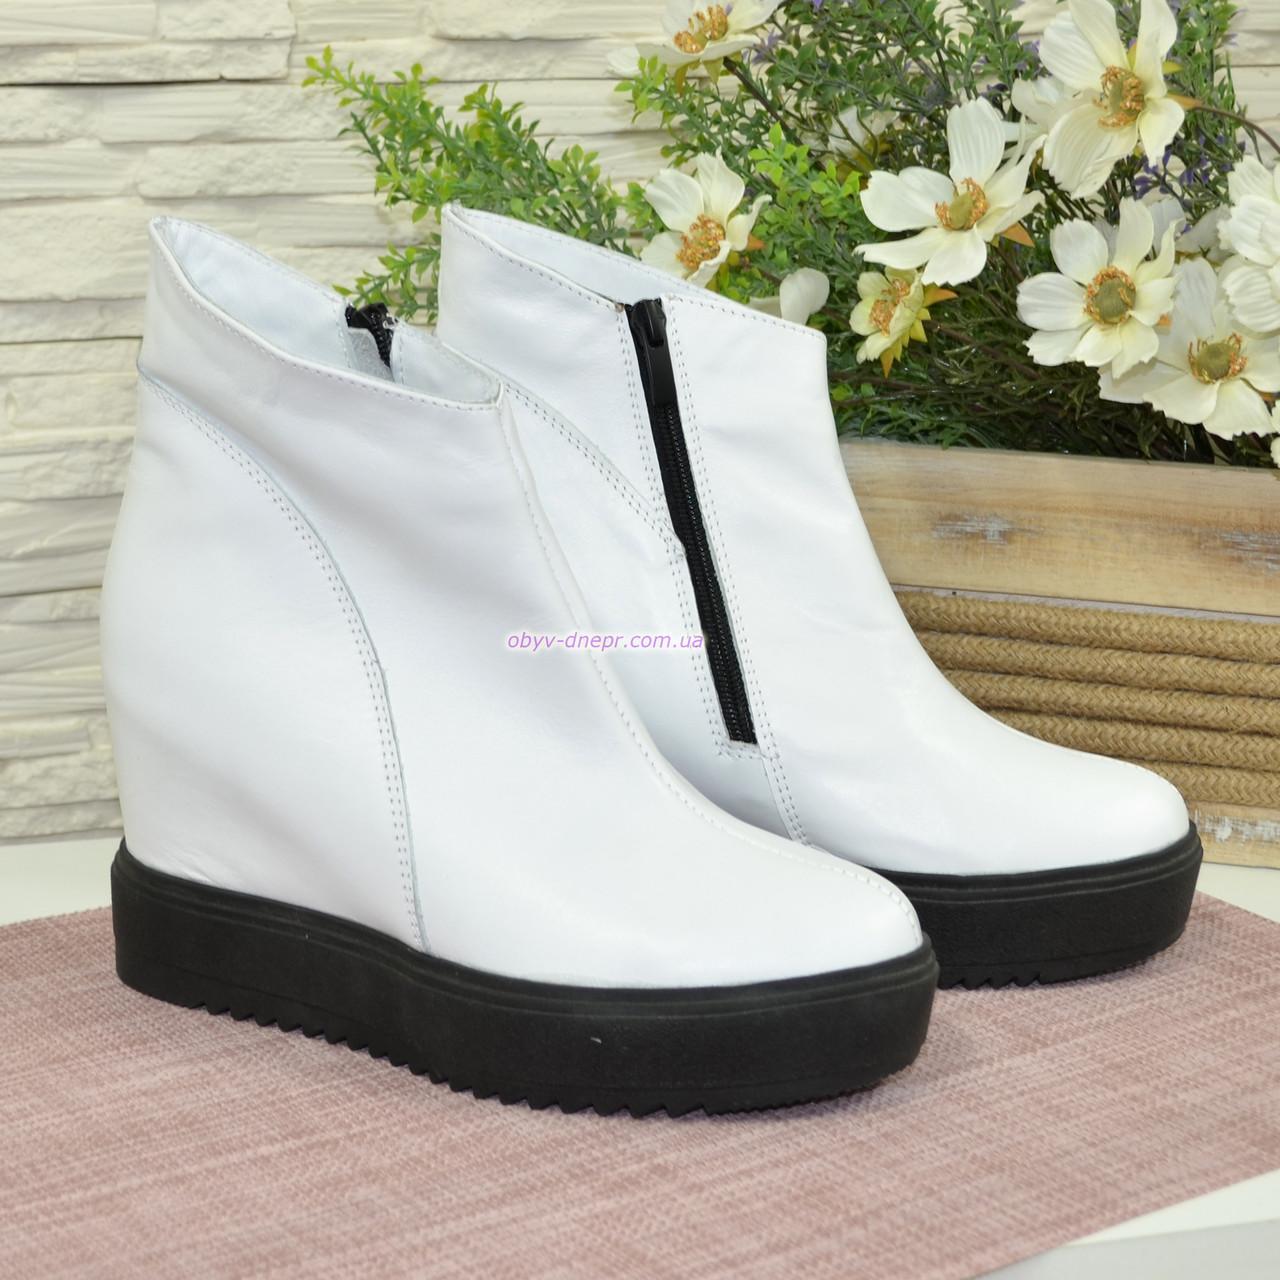 fd60e59b6d8c Ботинки зимние женские кожаные на платформе, цвет белый.